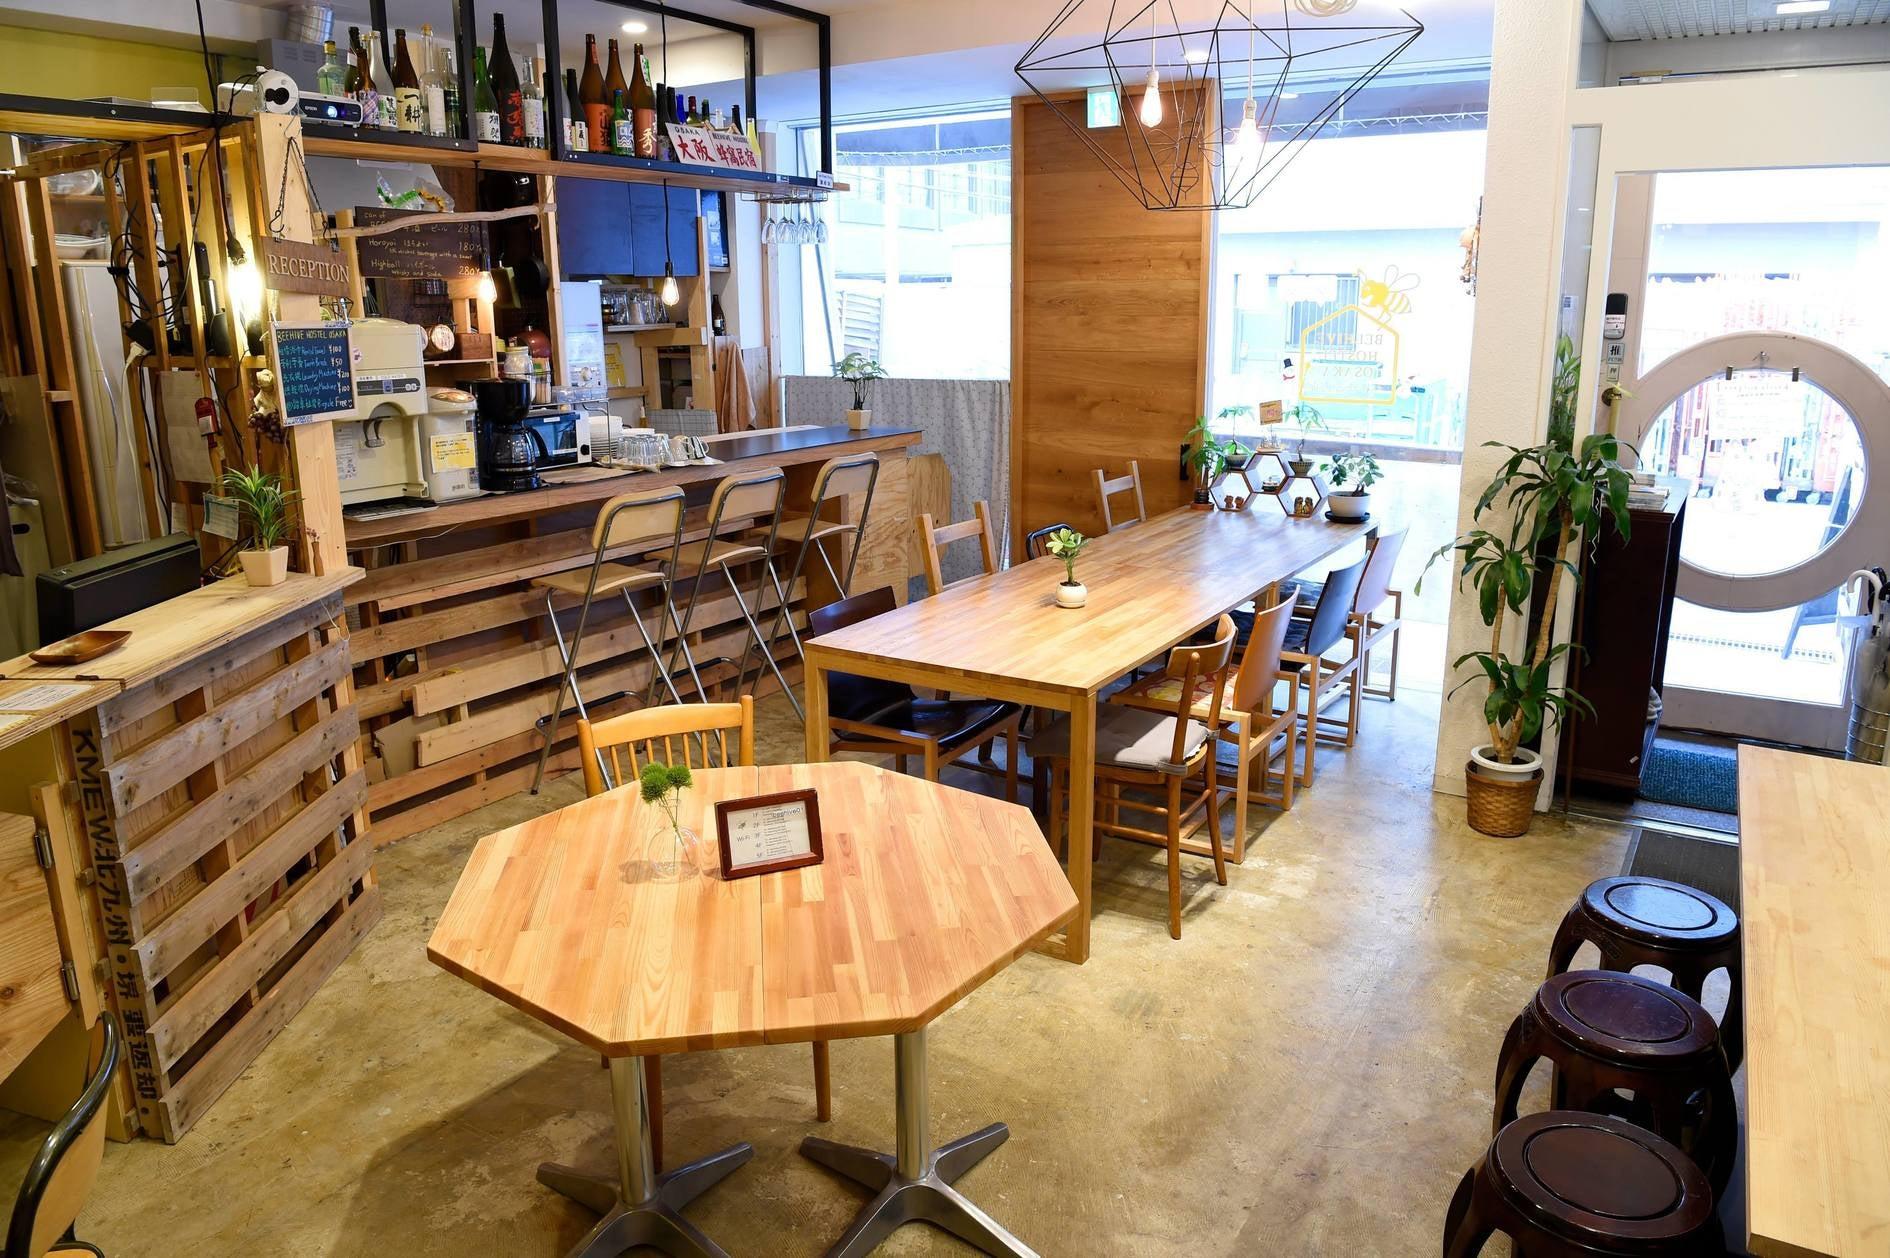 長堀橋駅より徒歩4分。共用部は18人まで、宿泊は30人まで利用可能。お茶会、会議、合宿など様々な用途にお使いいただけます。 のサムネイル